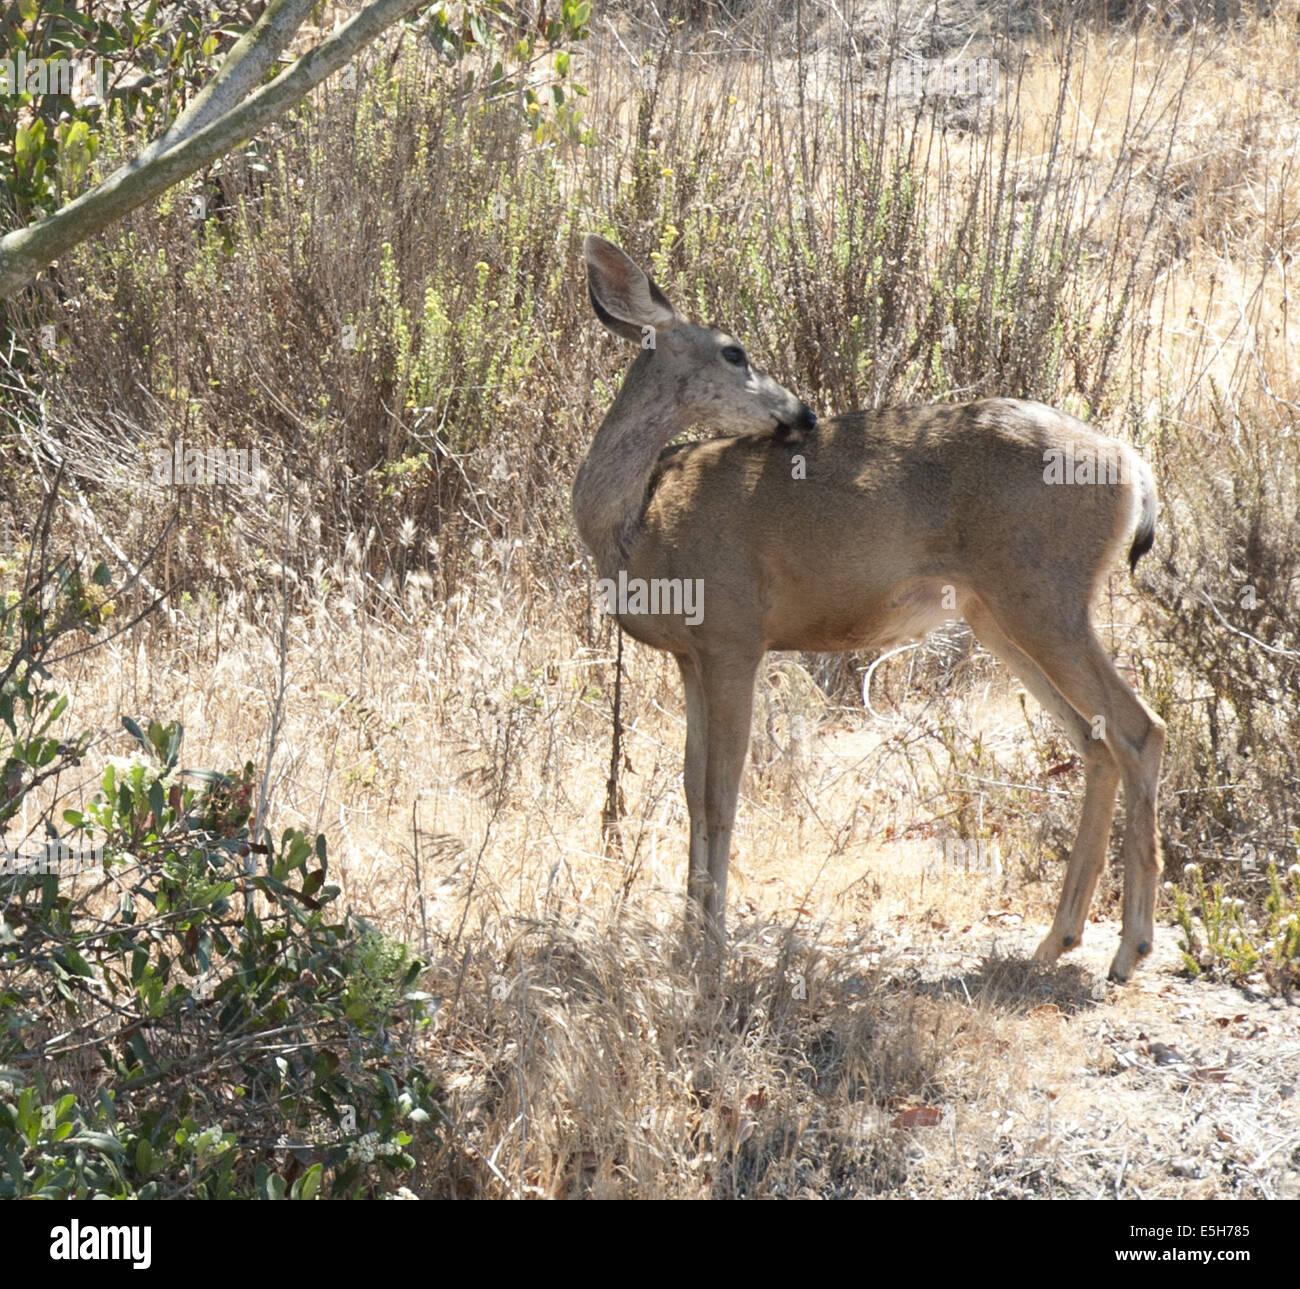 Laguna Beach, Californie, USA. 17 juillet, 2013. La Californie le Cerf mulet est commun dans le Nord, le centre et la Région des prairies côtières de Californie, il se nourrit de petits arbustes, d'herbes et de baies. La Californie le cerf mulet se distingue pour sa grande et longue comme mule ears et peut habituellement être trouvé plus près des sources d'eau comme les cours d'eau, ruisseaux, lacs et étangs.----Odocoileus hemionus californicus --- Sur la photo, une paire de mule deer pourrait être vu travailler leur chemin le long d'une colline à El Moro Creek dans la région de Crystal Cove State Beach, Orange County. © David Bro/ZUMA/Alamy Fil Live News Banque D'Images